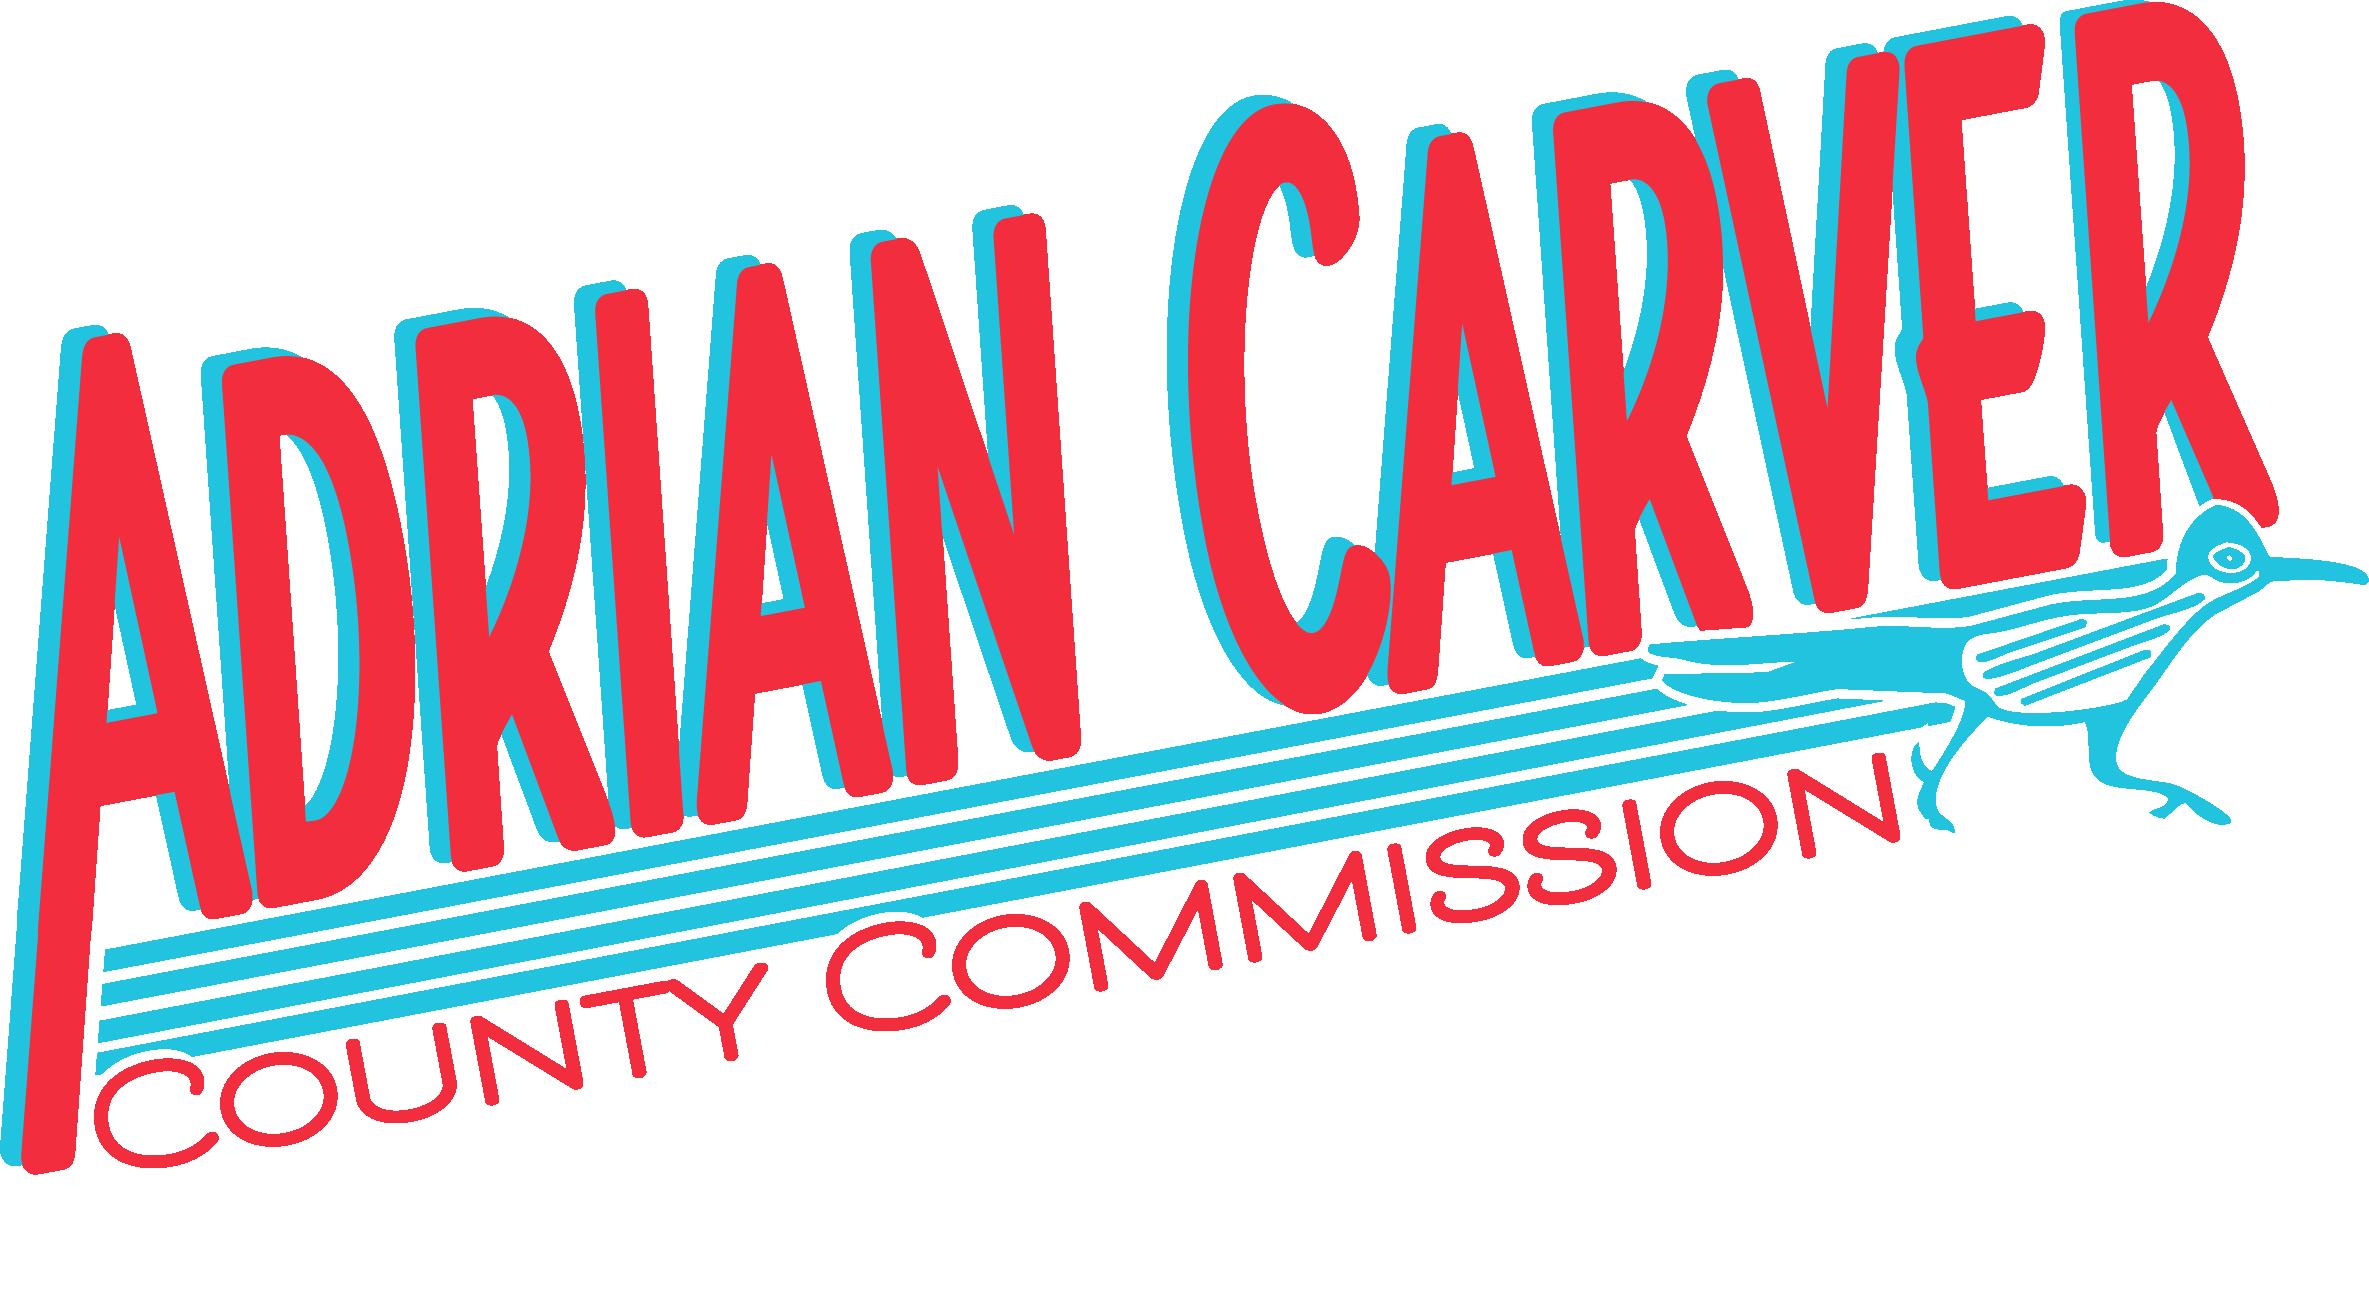 Adrian Carver